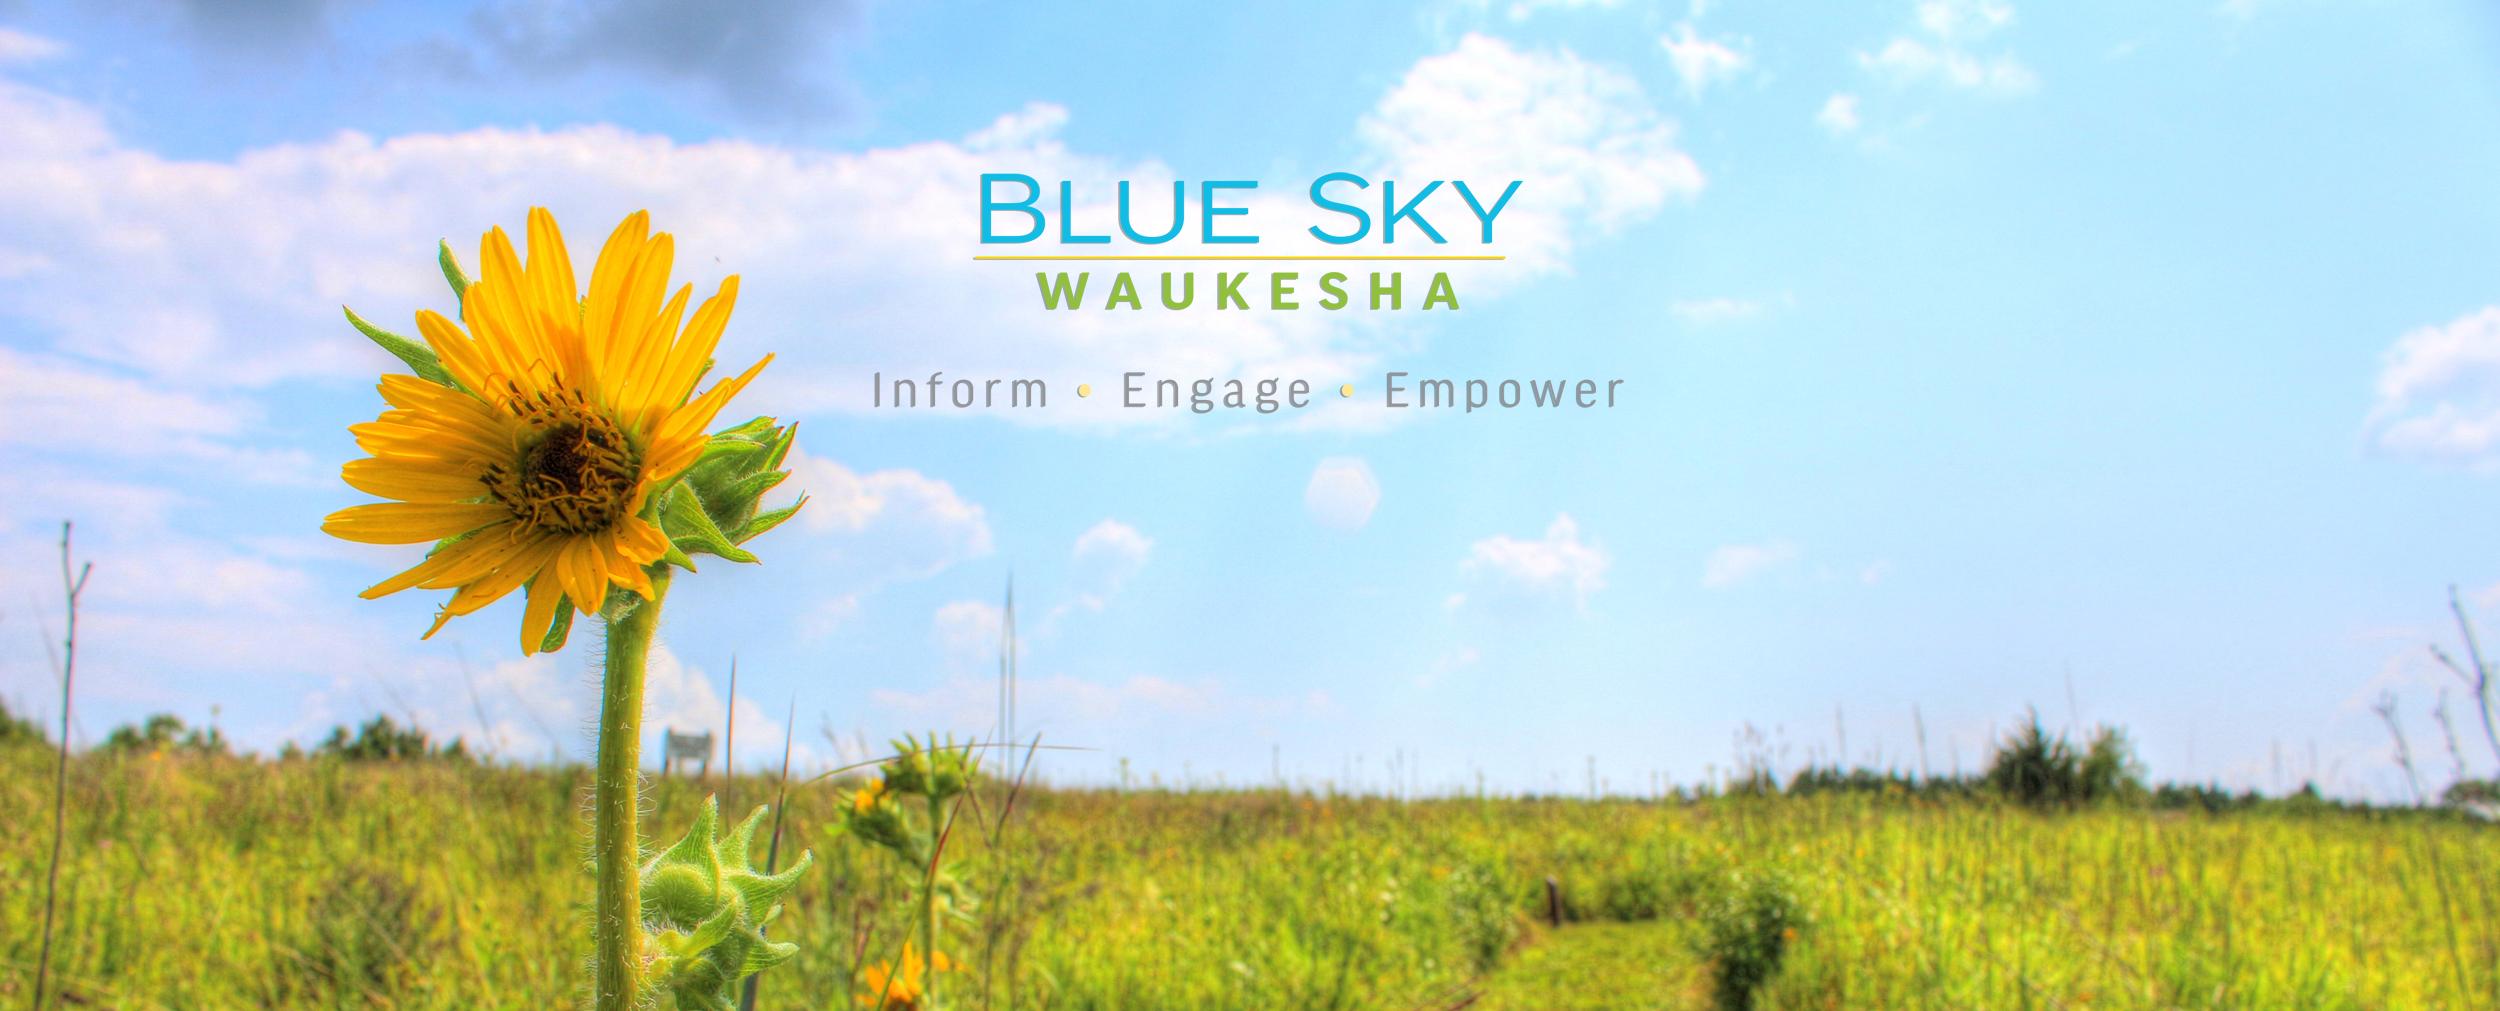 Blue Sky Waukesha, Inc.